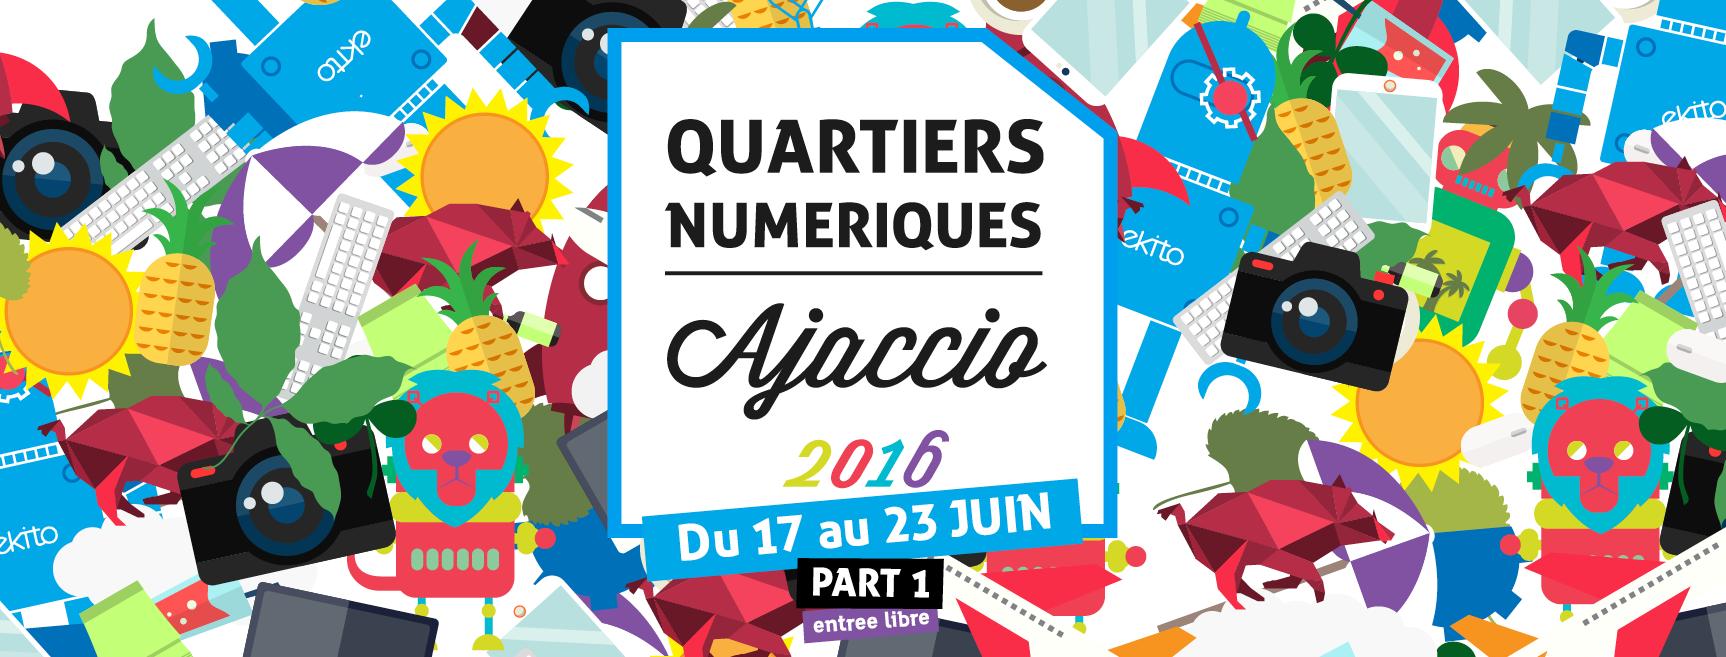 3ème edition des Quartiers Numériques du 17 au 23 juin